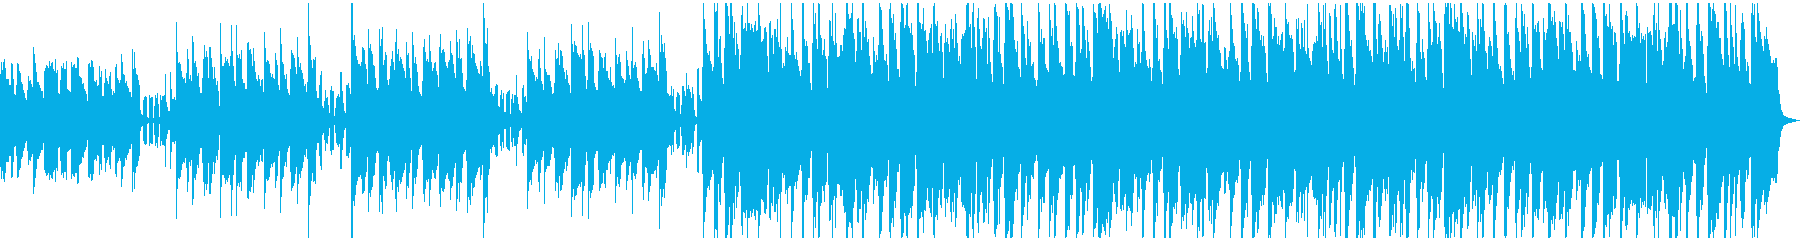 インディーズ ロック レゲエ スカ...の再生済みの波形